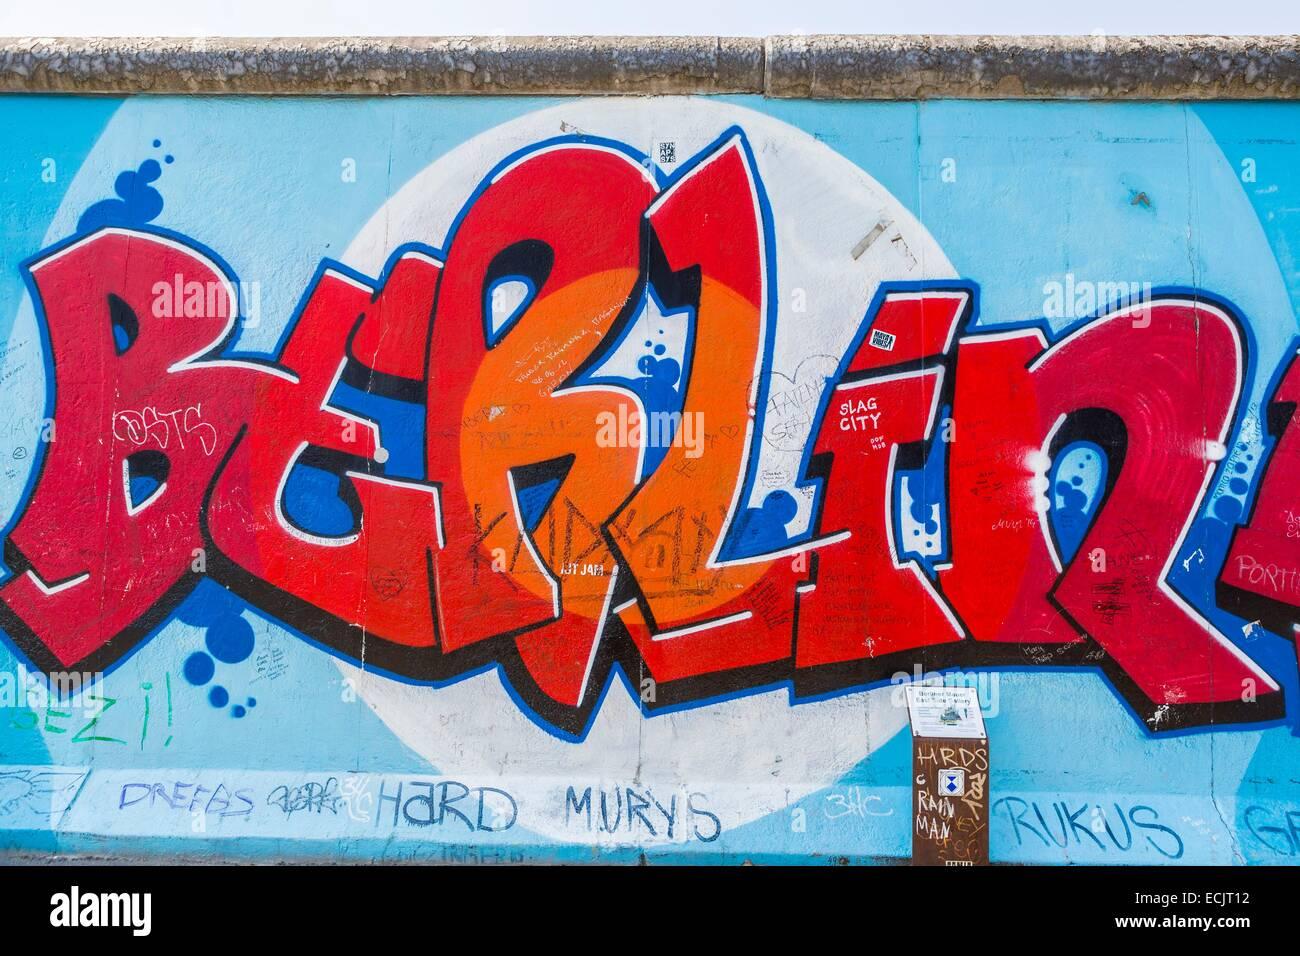 Alemania, Berlín, Berlín Oriental, Friedrichshain, East Side Gallery, los restos de la muralla, pintadas Imagen De Stock